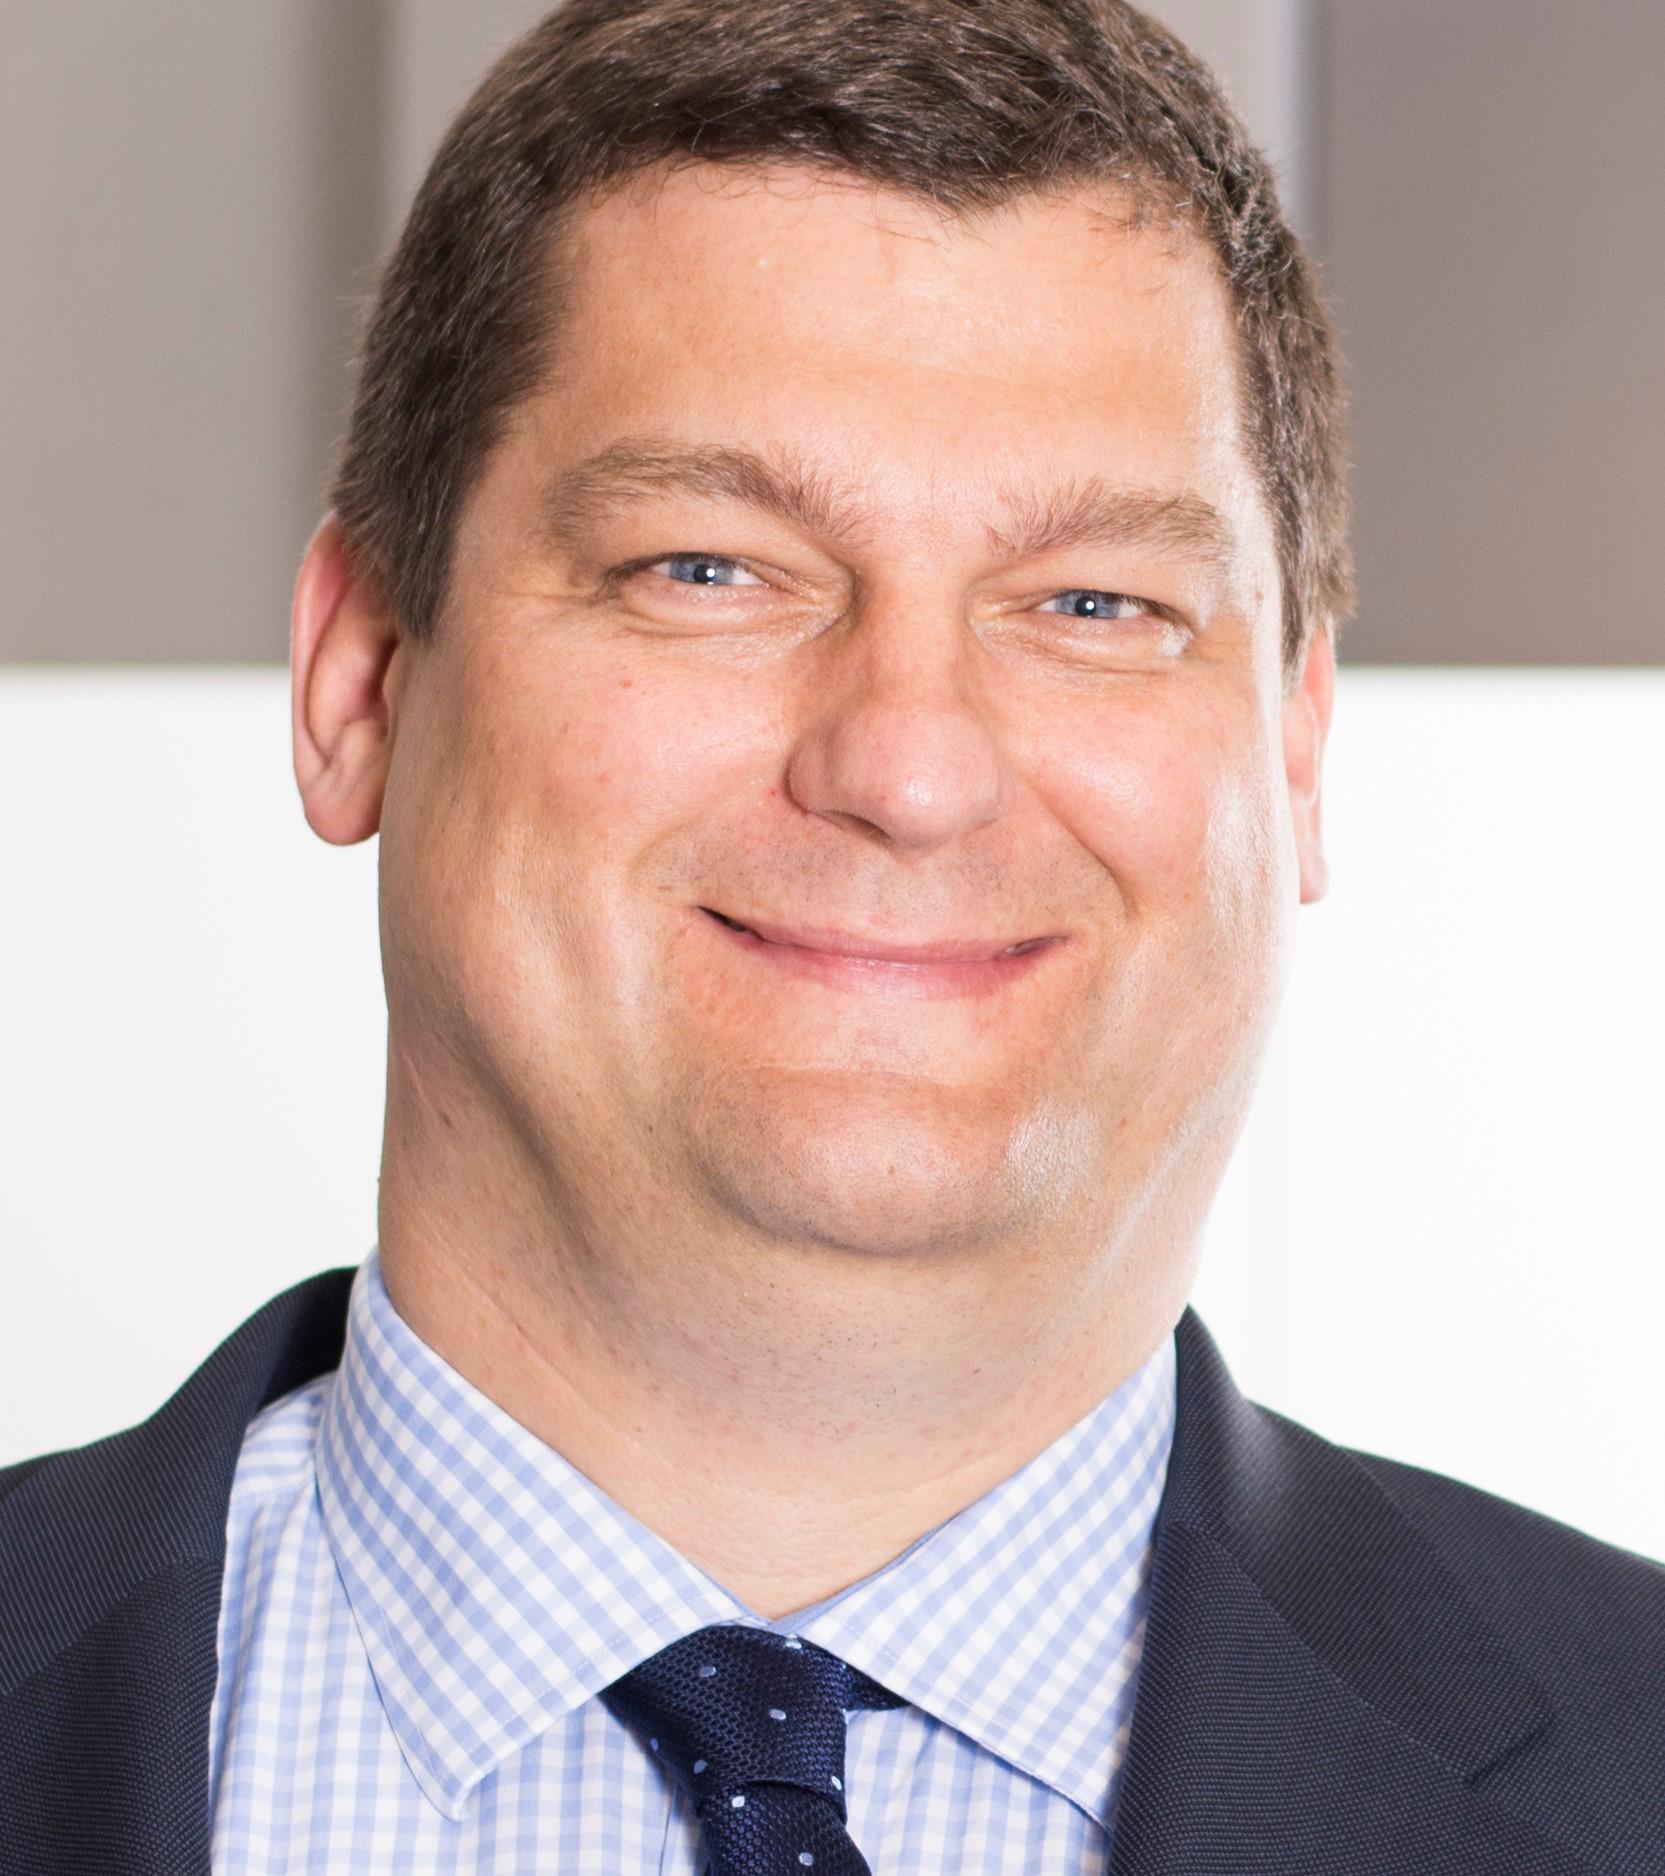 Thorsten Hagenberger, Mitglied der Geschäftsführung bei SAS DACH